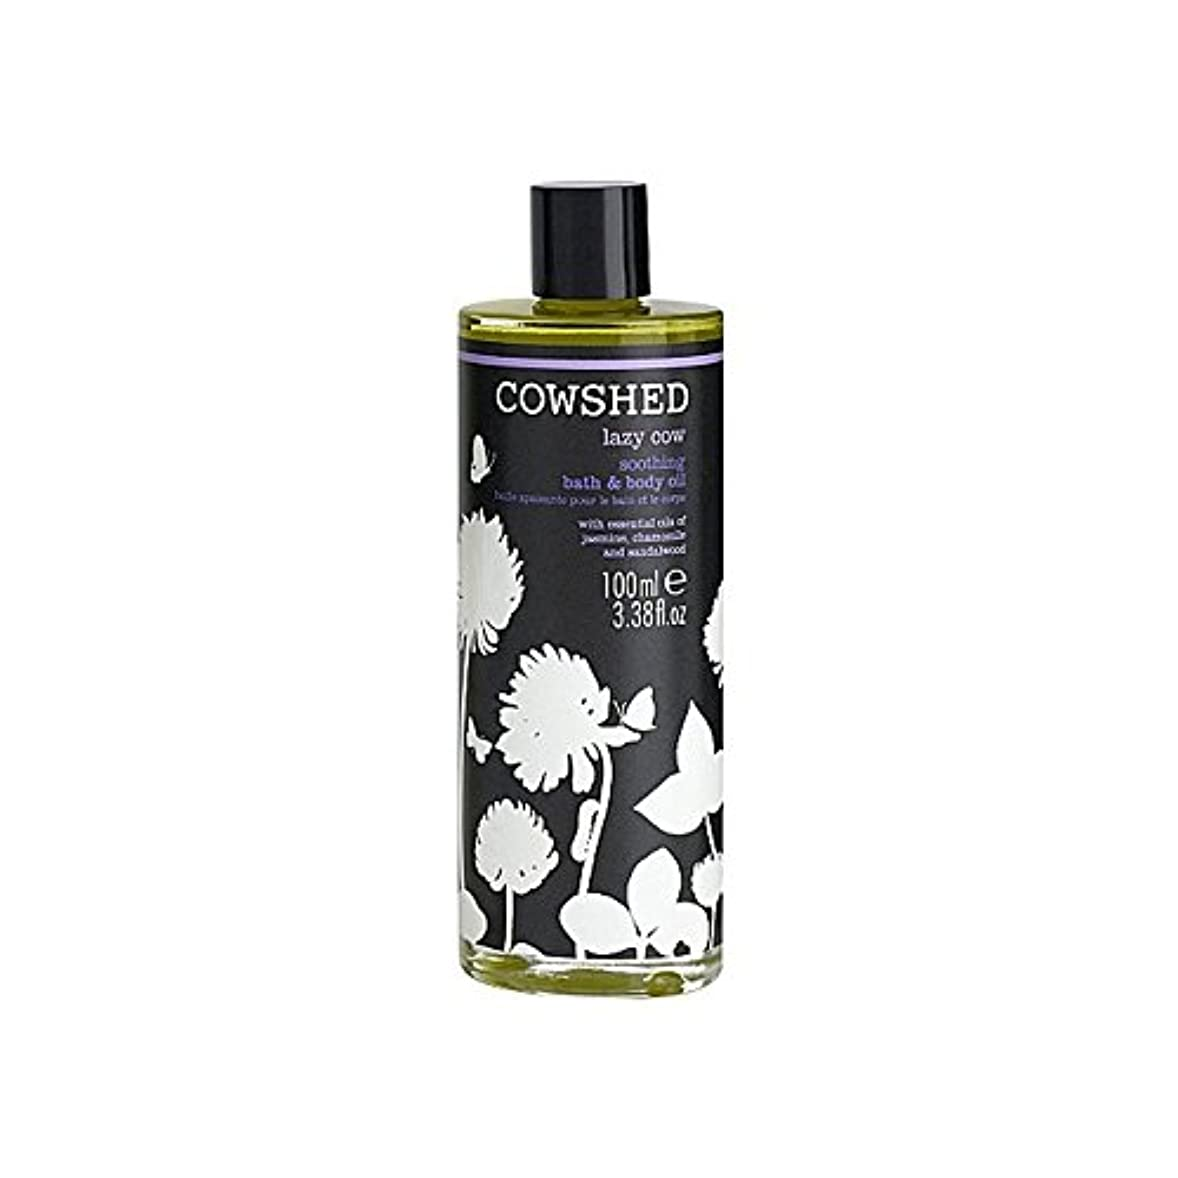 電話するオゾン和バス&ボディオイル100ミリリットルをなだめる牛舎怠惰な牛 x4 - Cowshed Lazy Cow Soothing Bath & Body Oil 100ml (Pack of 4) [並行輸入品]